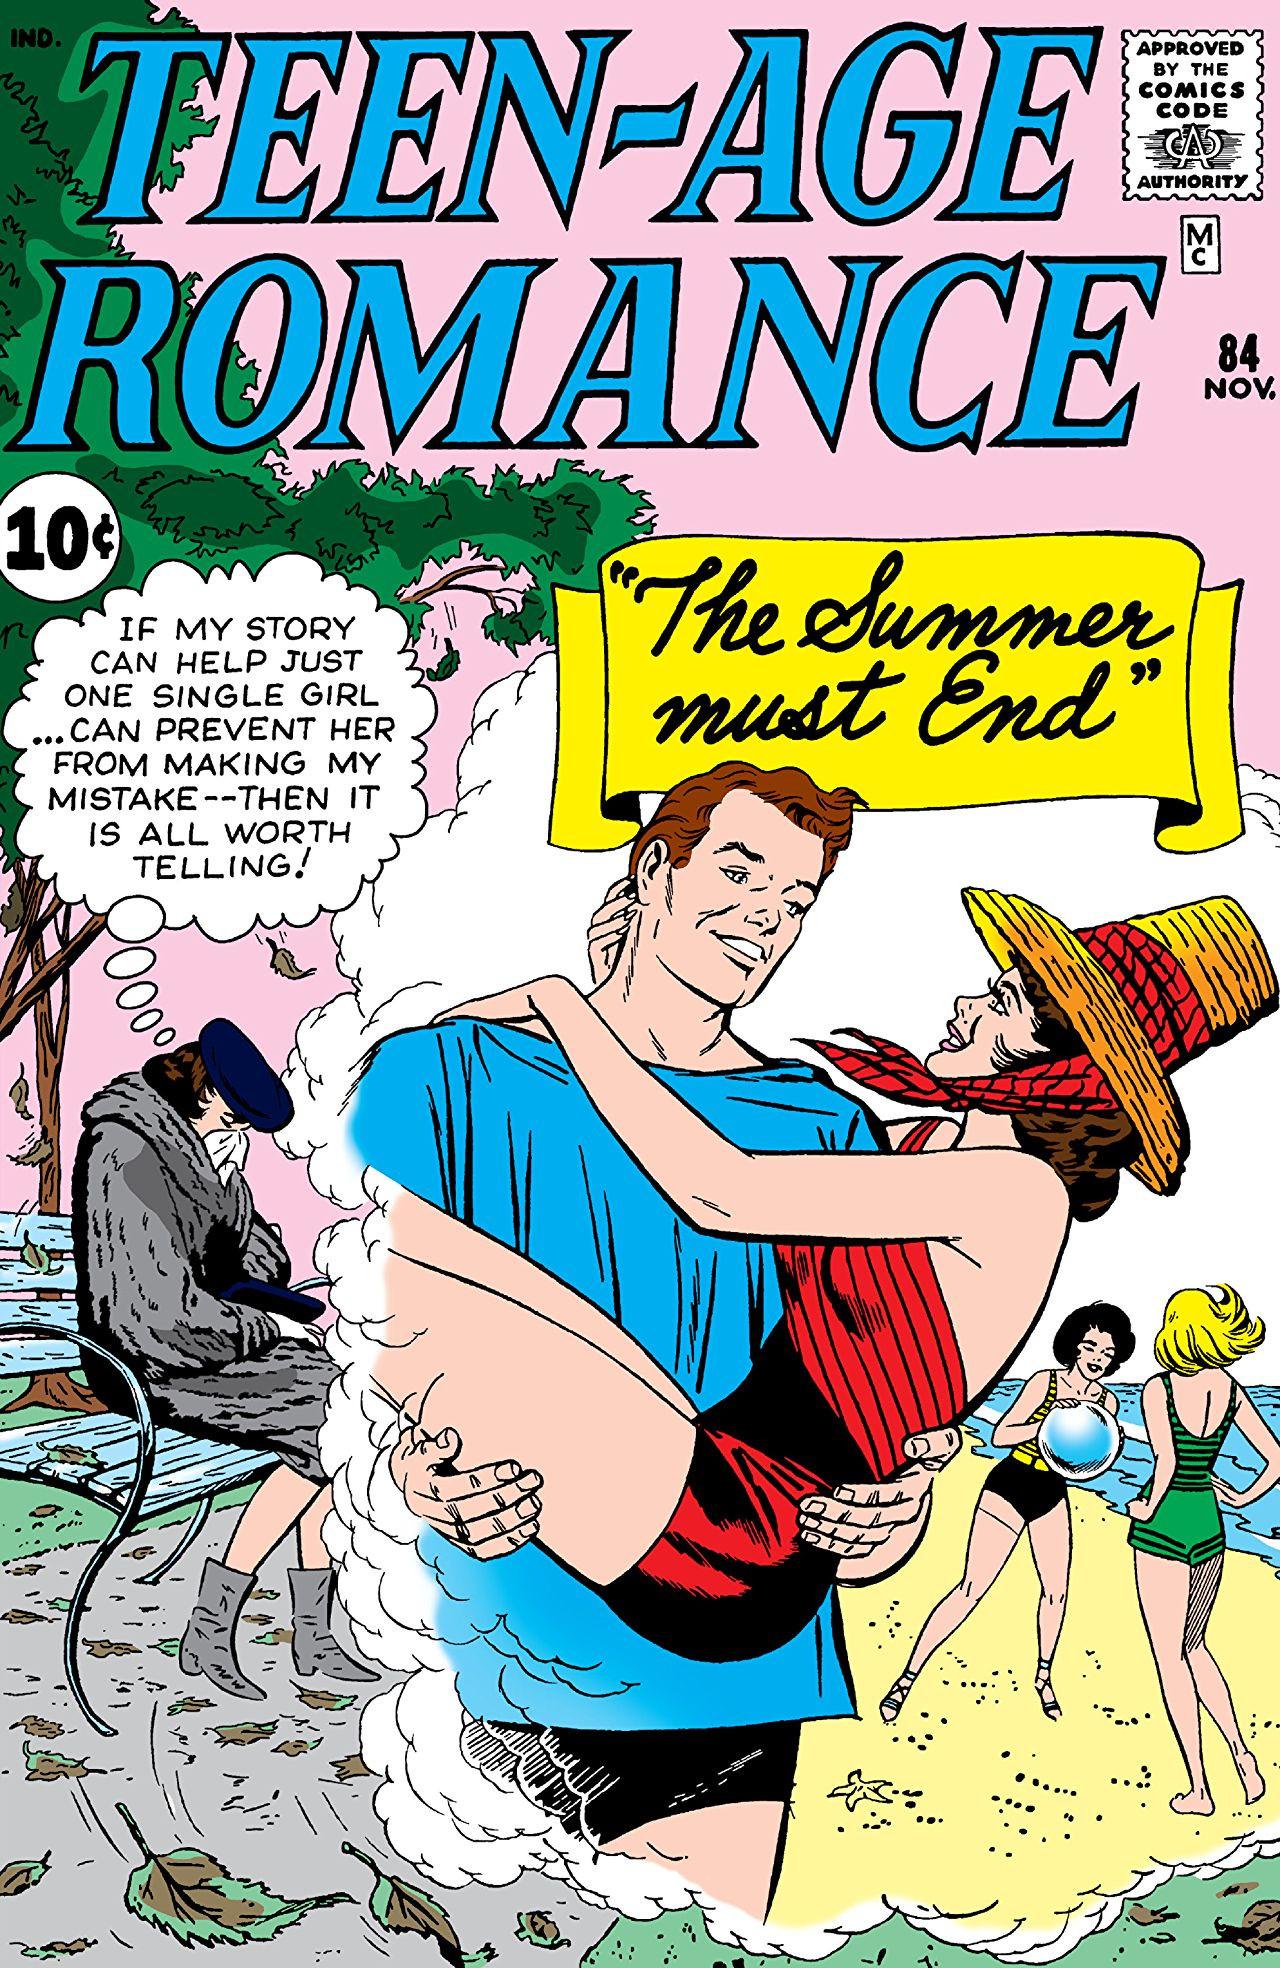 Teen-Age Romance Vol 1 84